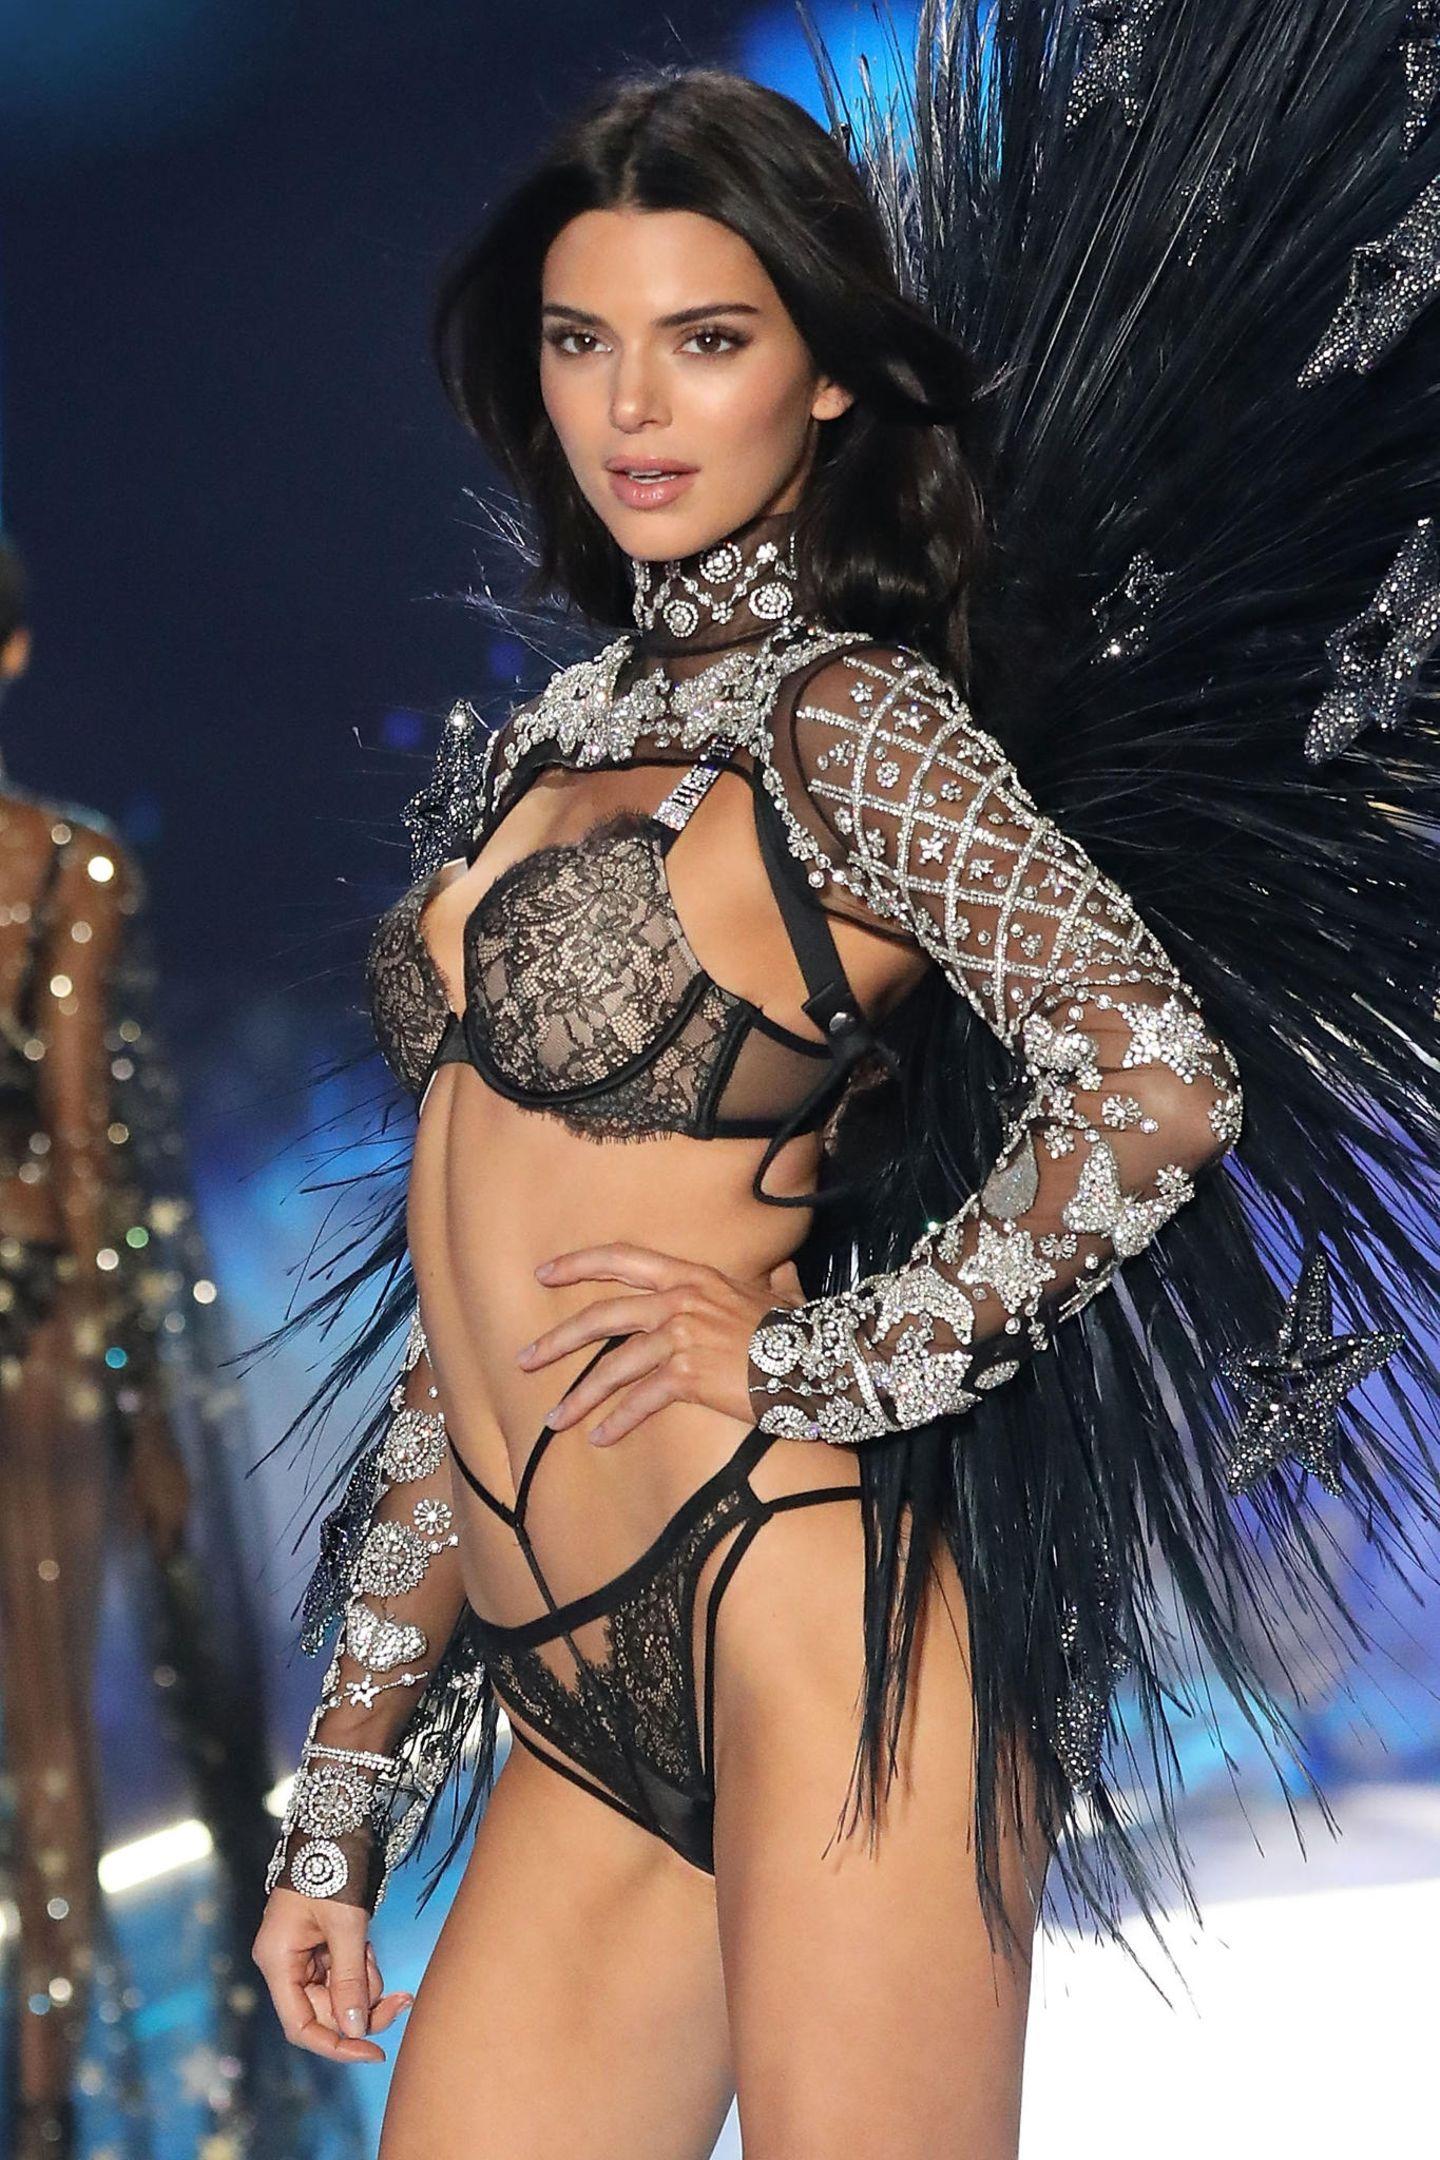 Kendall Jenner ist zurück auf dem VS-Catwalk. Nach dem sie im letzten Jahr ausgesetzt hat, wird sie nun mehr denn je gefeiert. Kein Wunder, bei dem Anblick ...